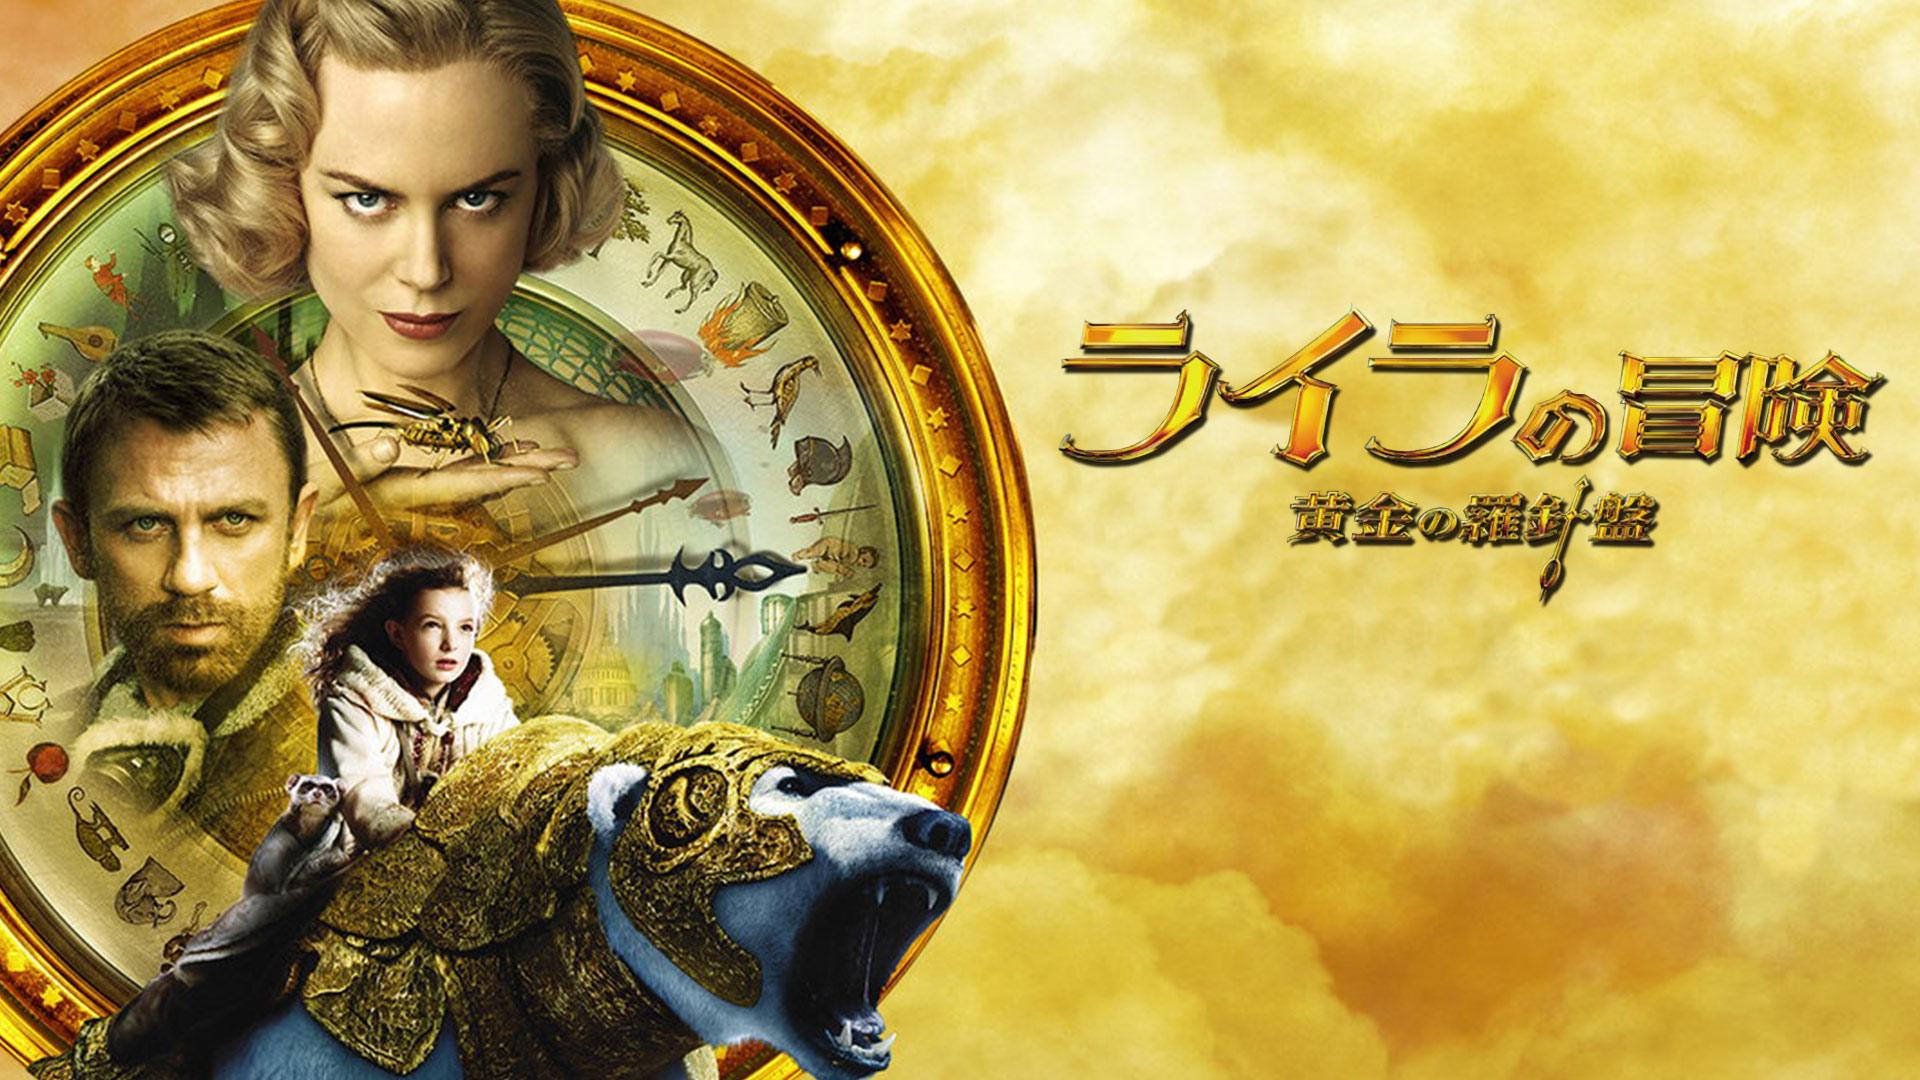 ライラの冒険 黄金の羅針盤 (字幕版)